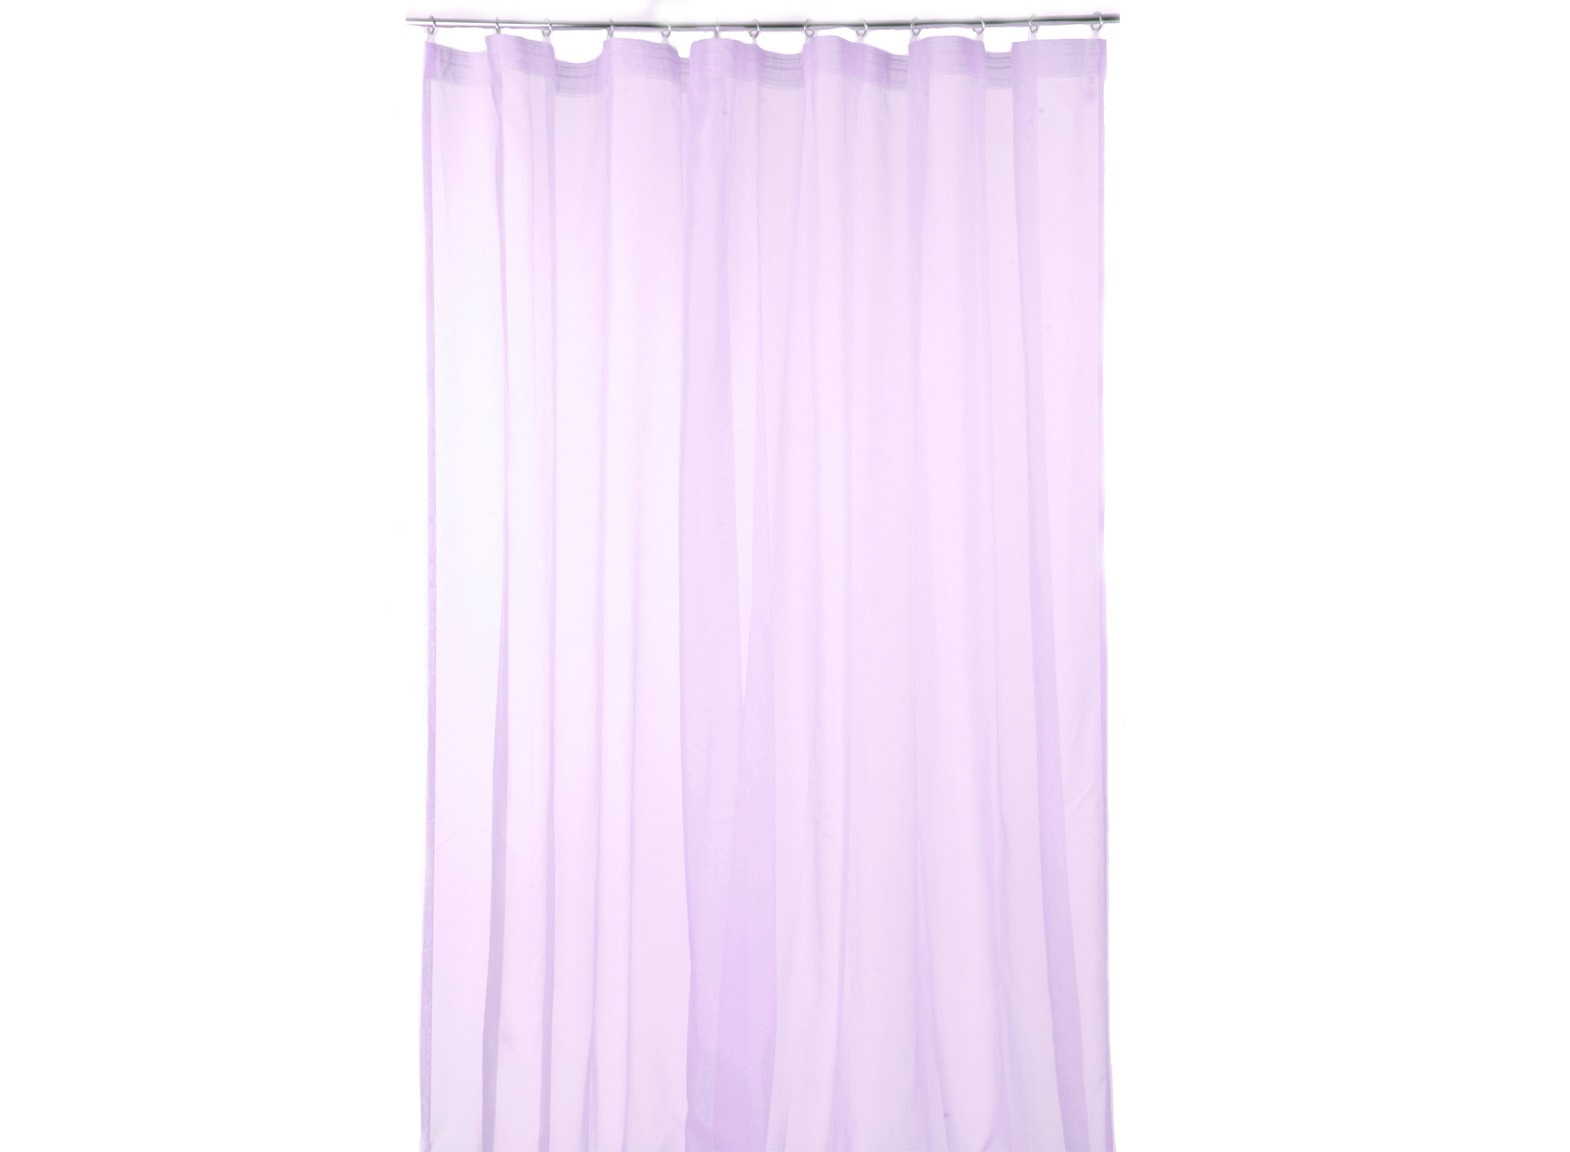 Органза СиреньШторы<br>Тюль легкая на окно на тесьме для крючков.<br><br>Material: Тюль<br>Ширина см: 250<br>Высота см: 260